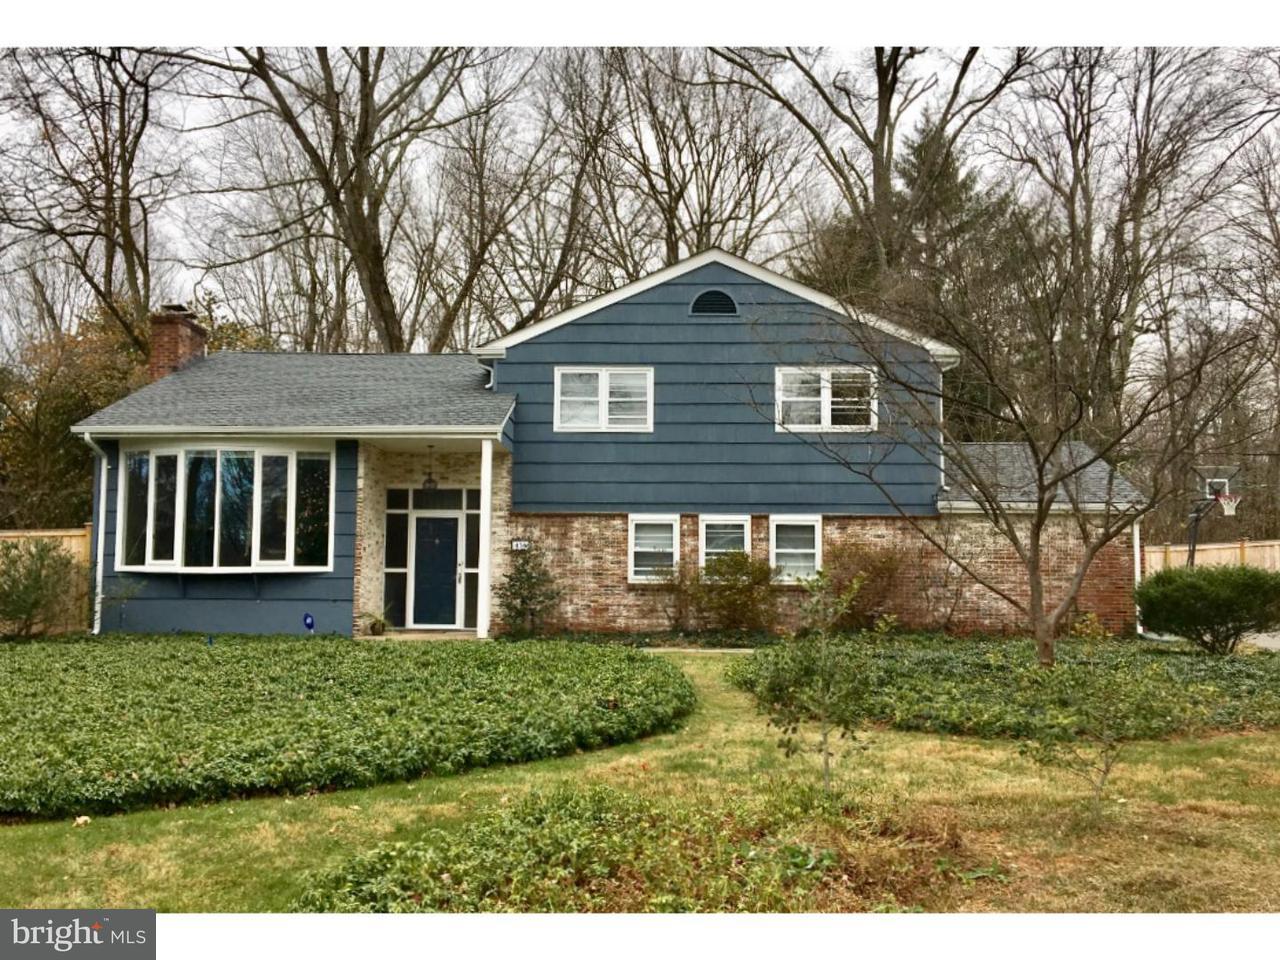 Maison unifamiliale pour l à louer à 456 RIVERSIDE Drive Princeton, New Jersey 08540 États-UnisDans/Autour: Princeton